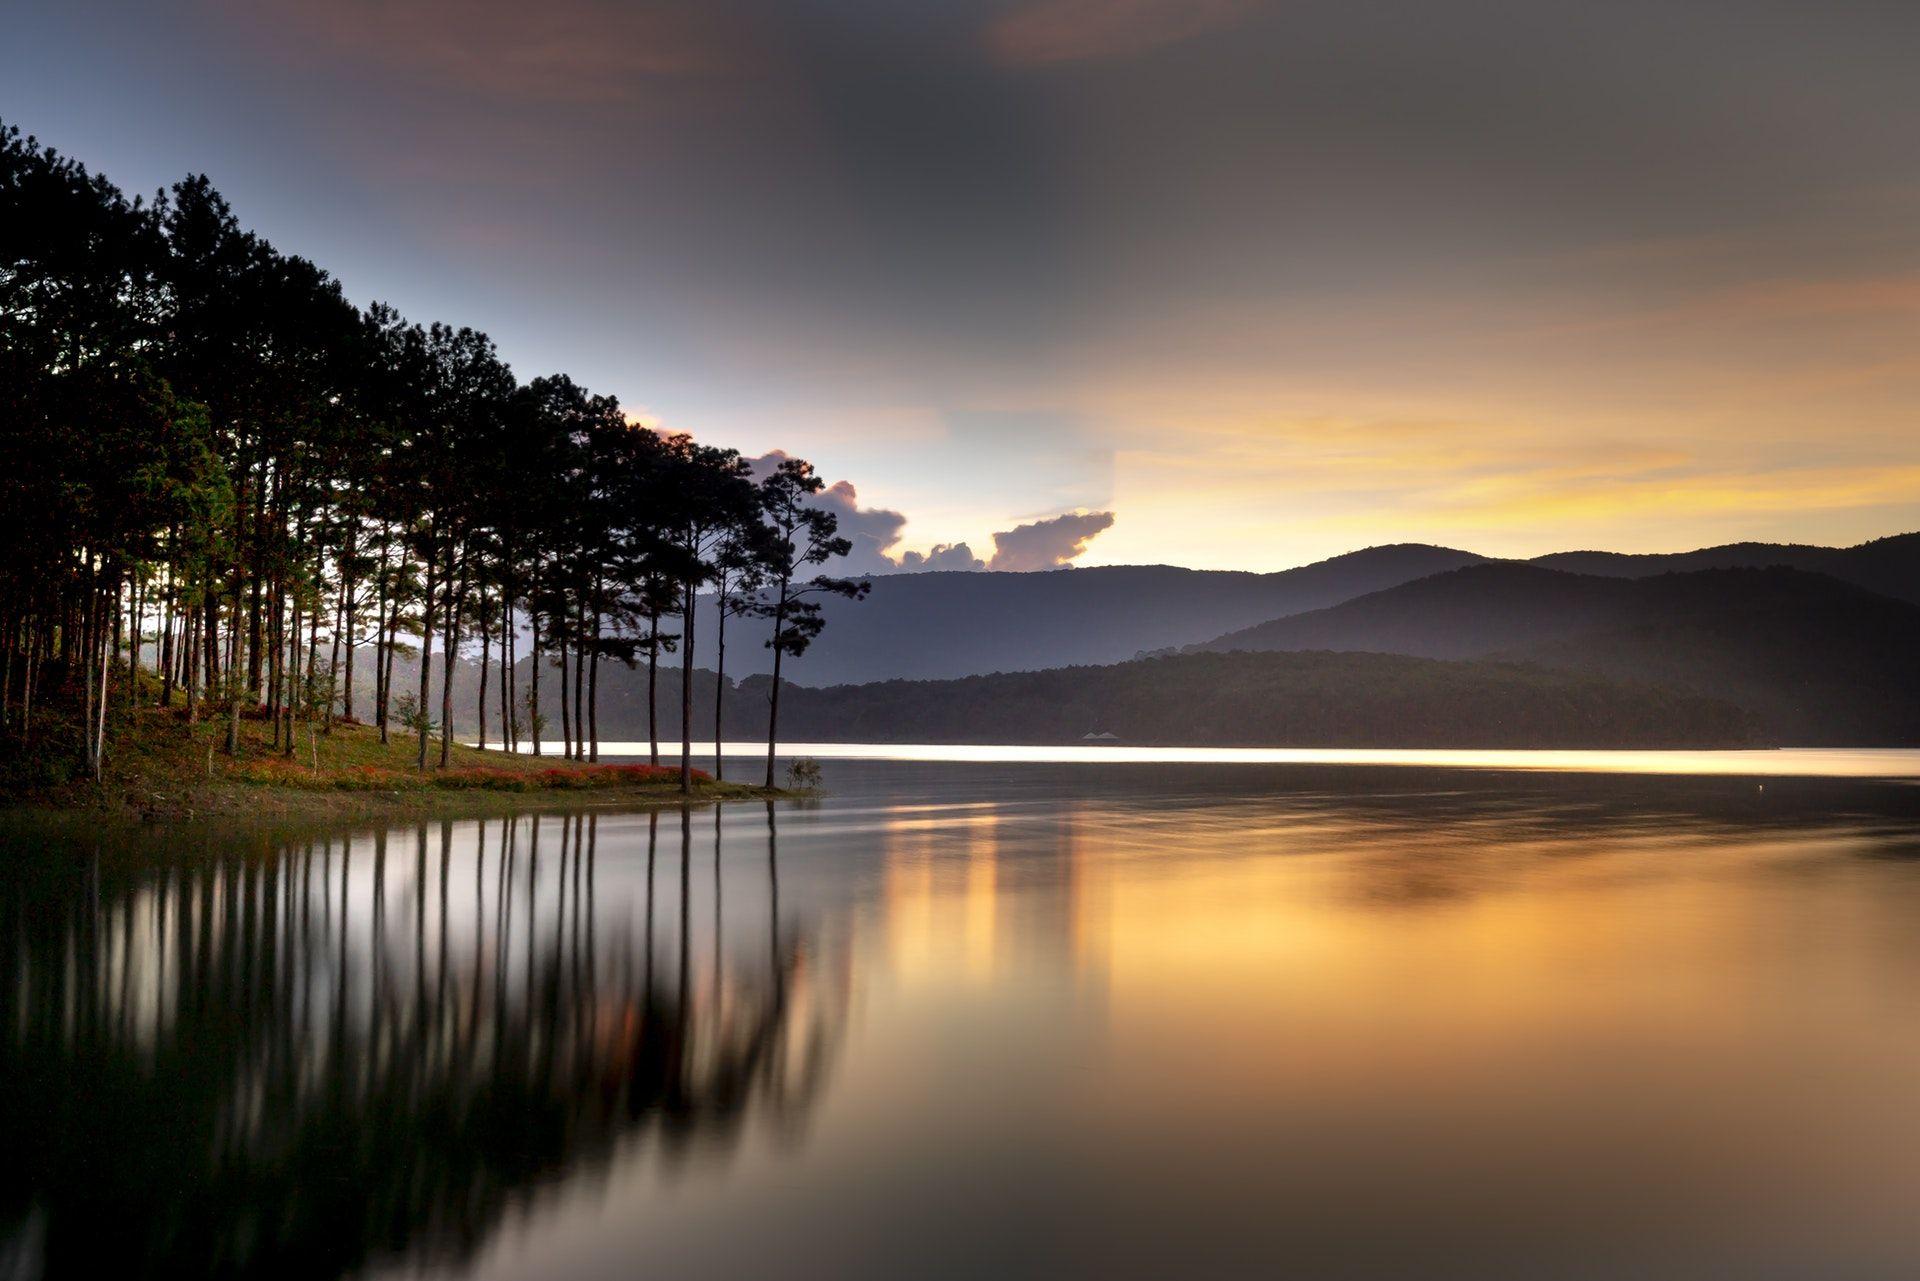 عکس زمینه بازتاب درختان در آب پس زمینه